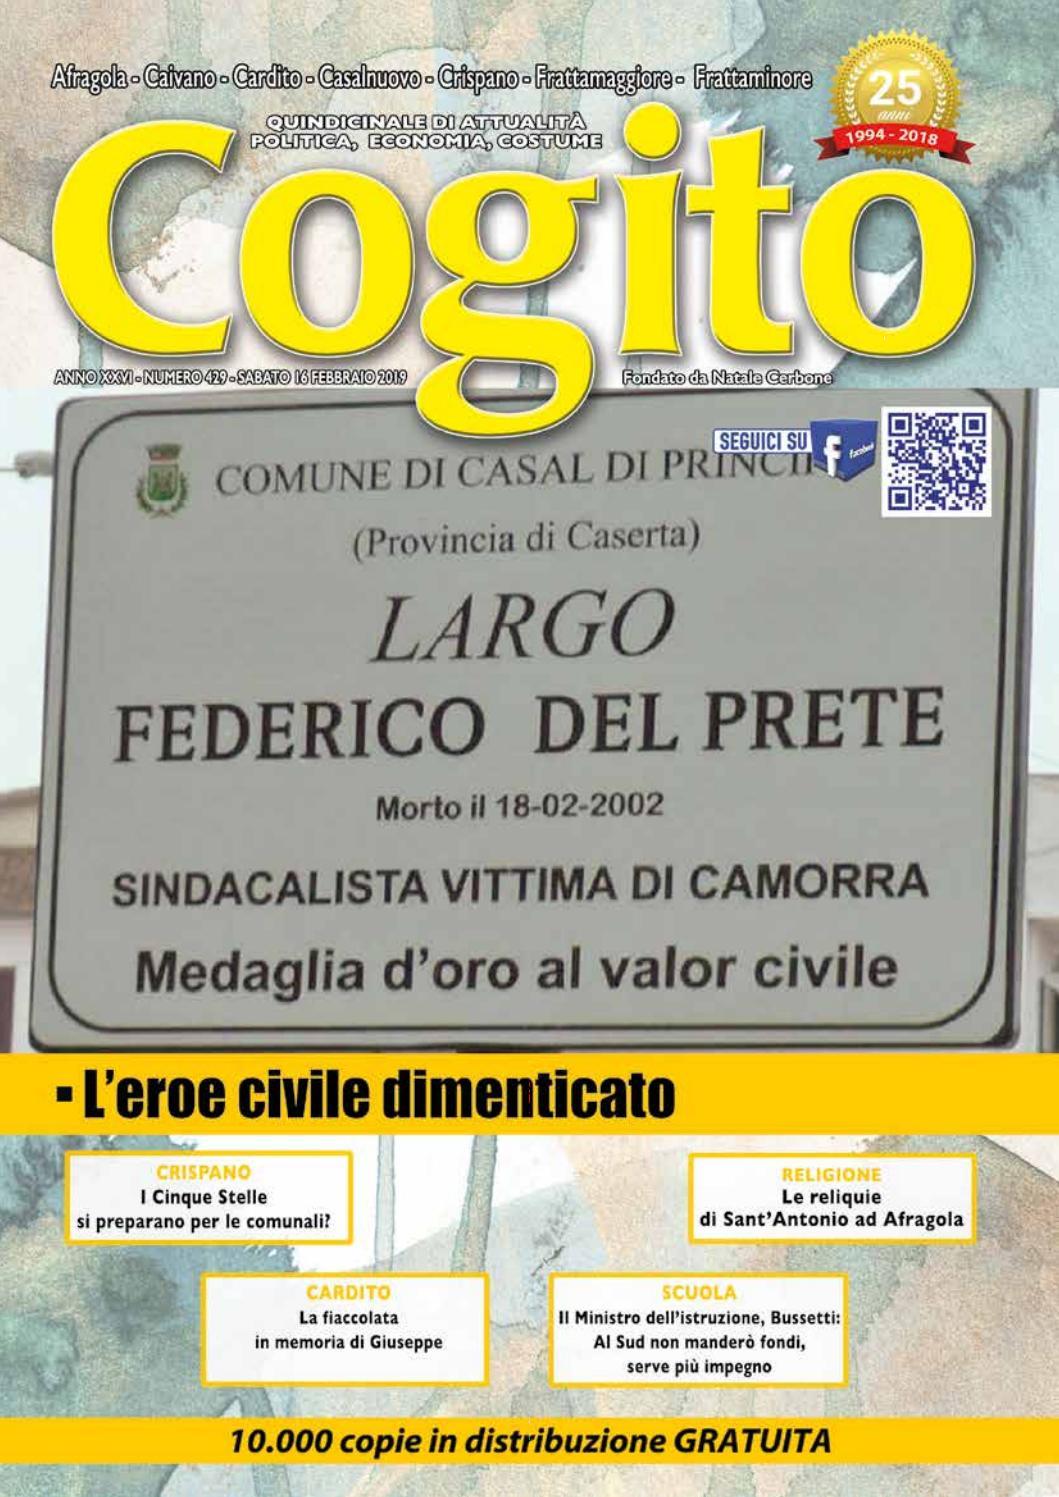 Tende Da Sole Frattamaggiore cogito 429 by antonio iazzetta - issuu